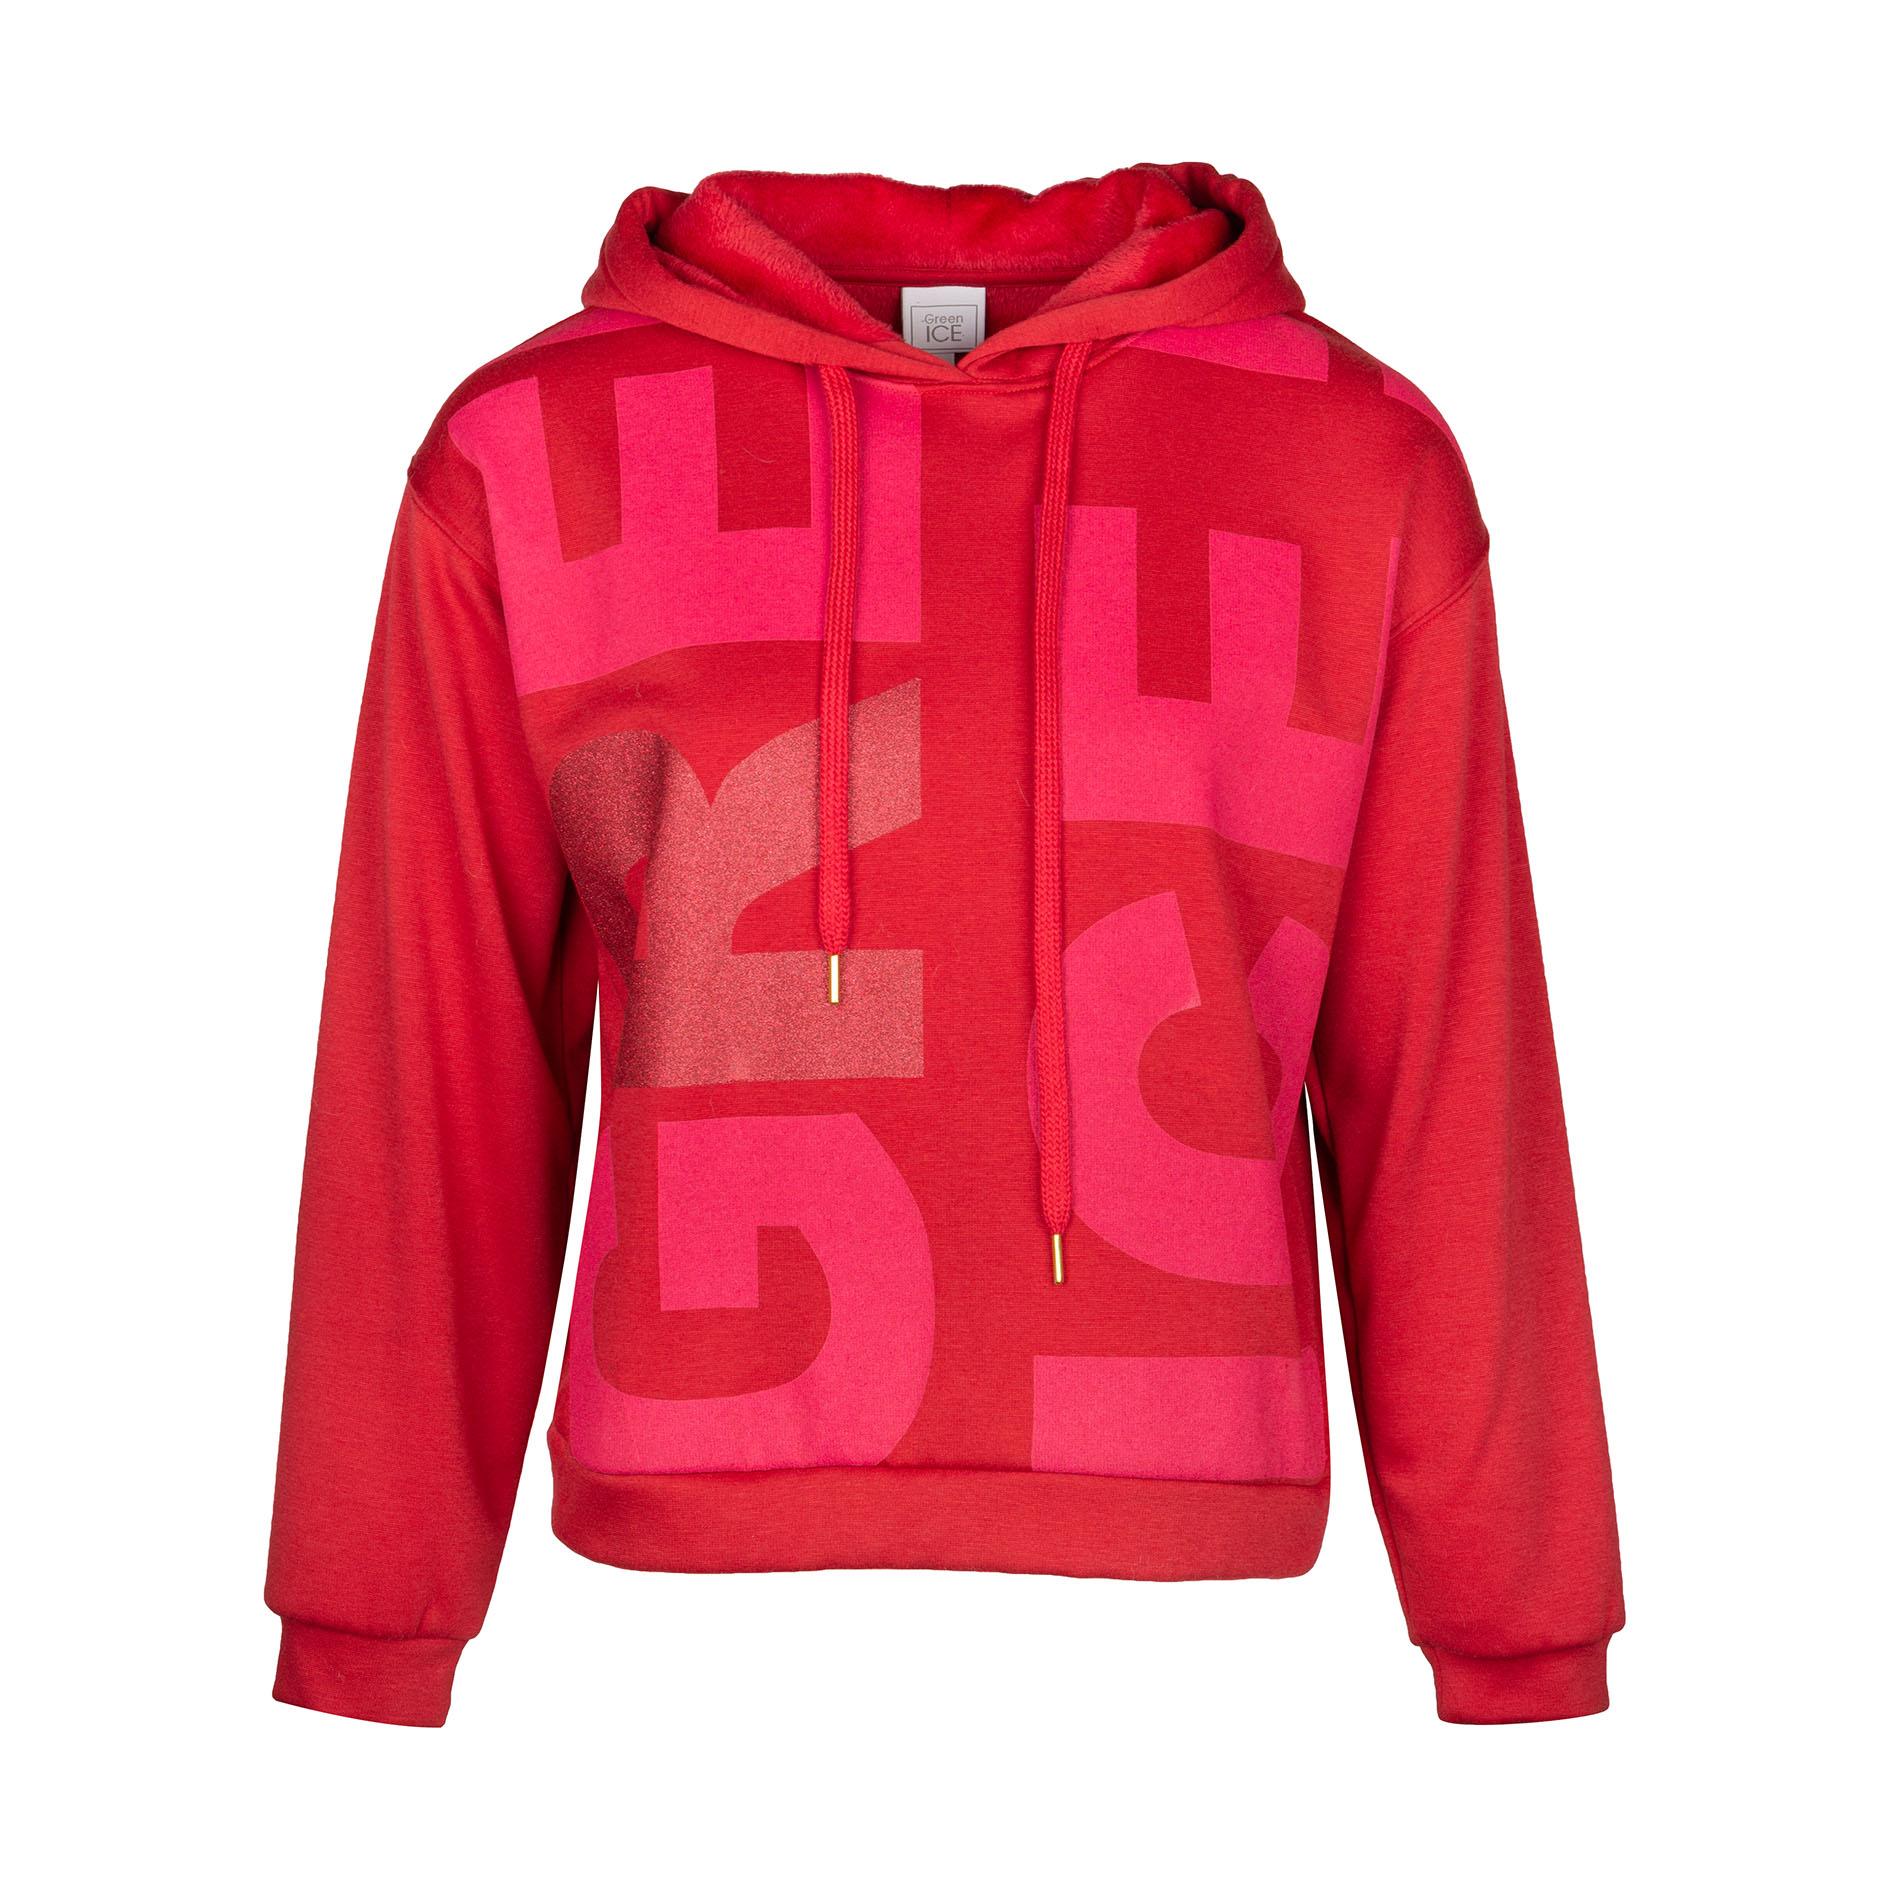 Sweater 'Puka' Red